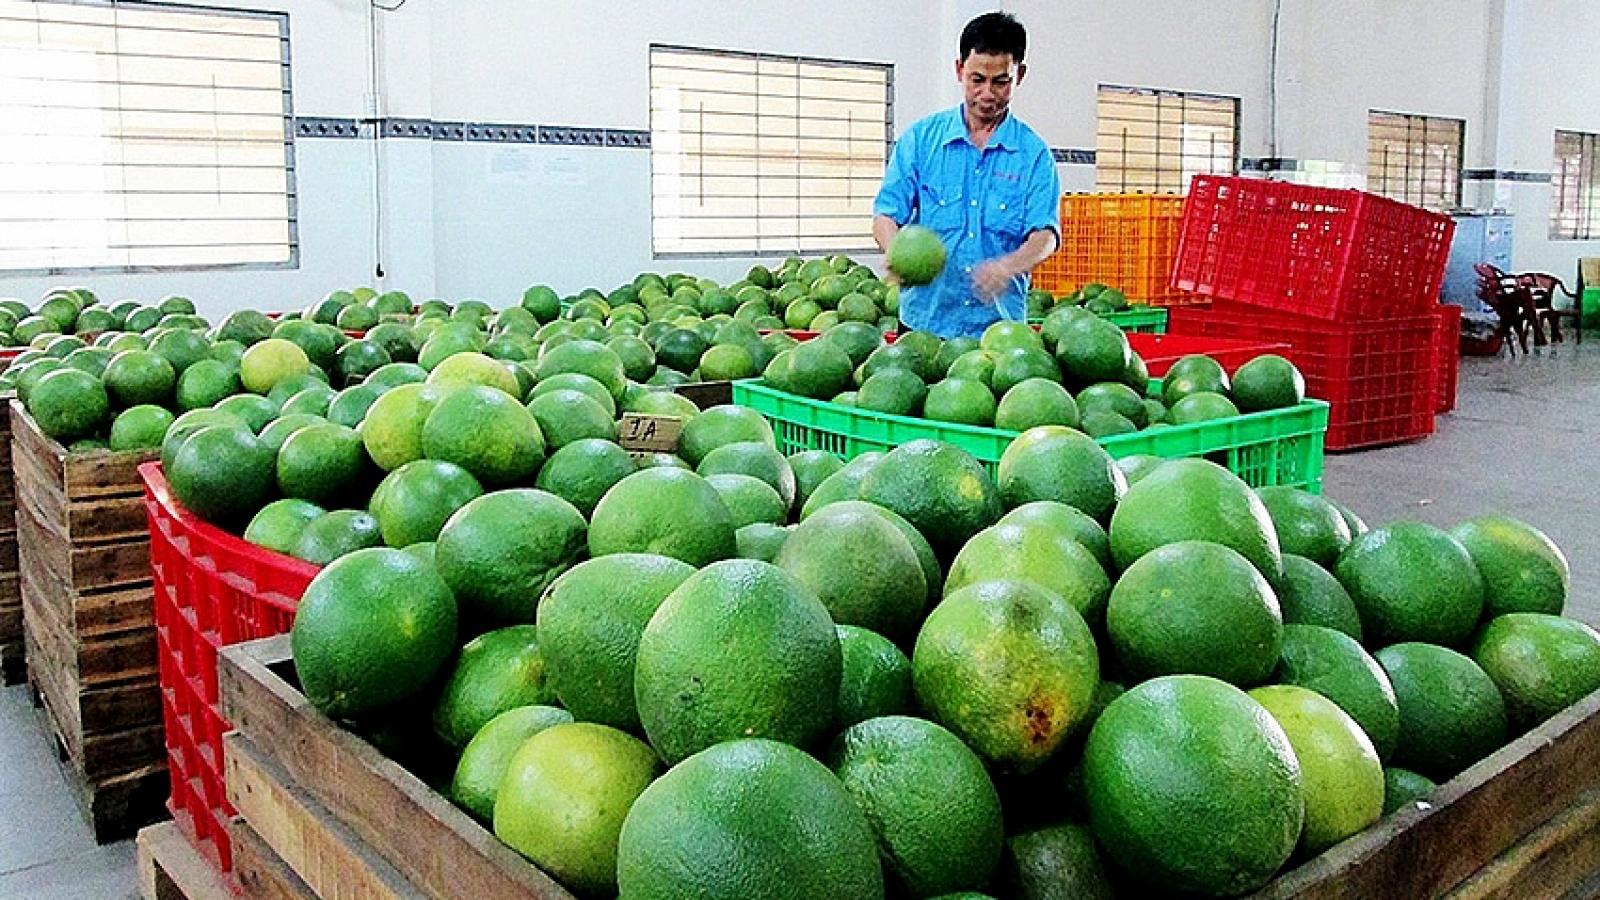 Tạo cầu nối cho sản phẩm Việt tiếp cận thị trường Nam Mỹ